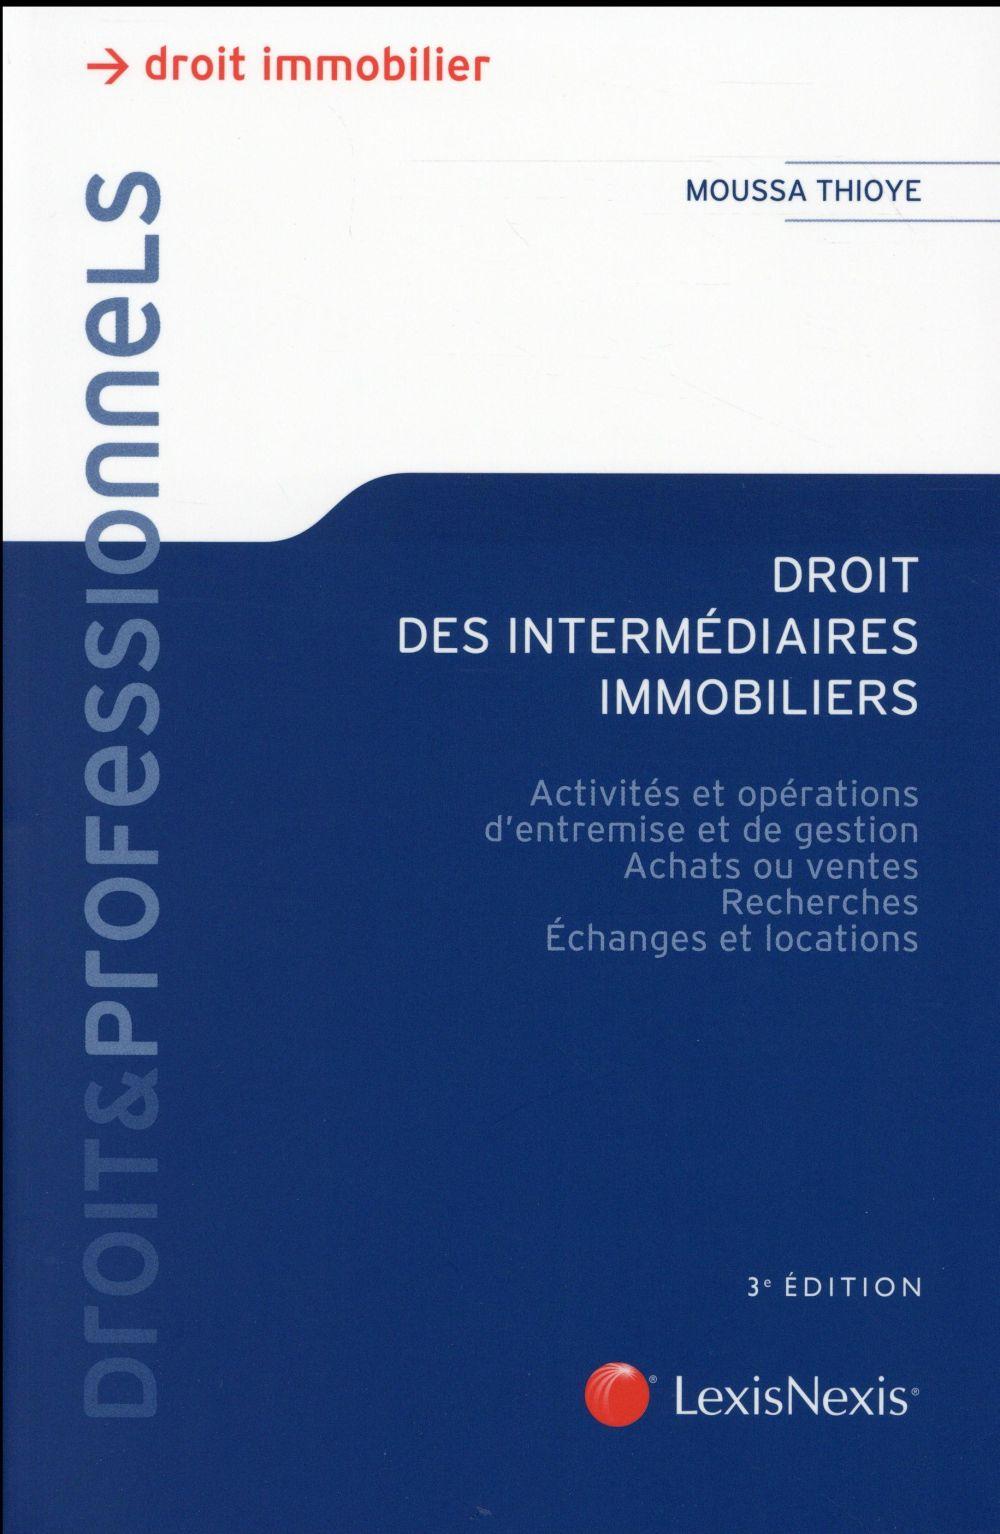 DROIT DES INTERMEDIAIRES IMMOBILIERS ACTIVITES ET OPERATIONS D'ENTREMISE ET DE GESTION, ACHATS OU VE